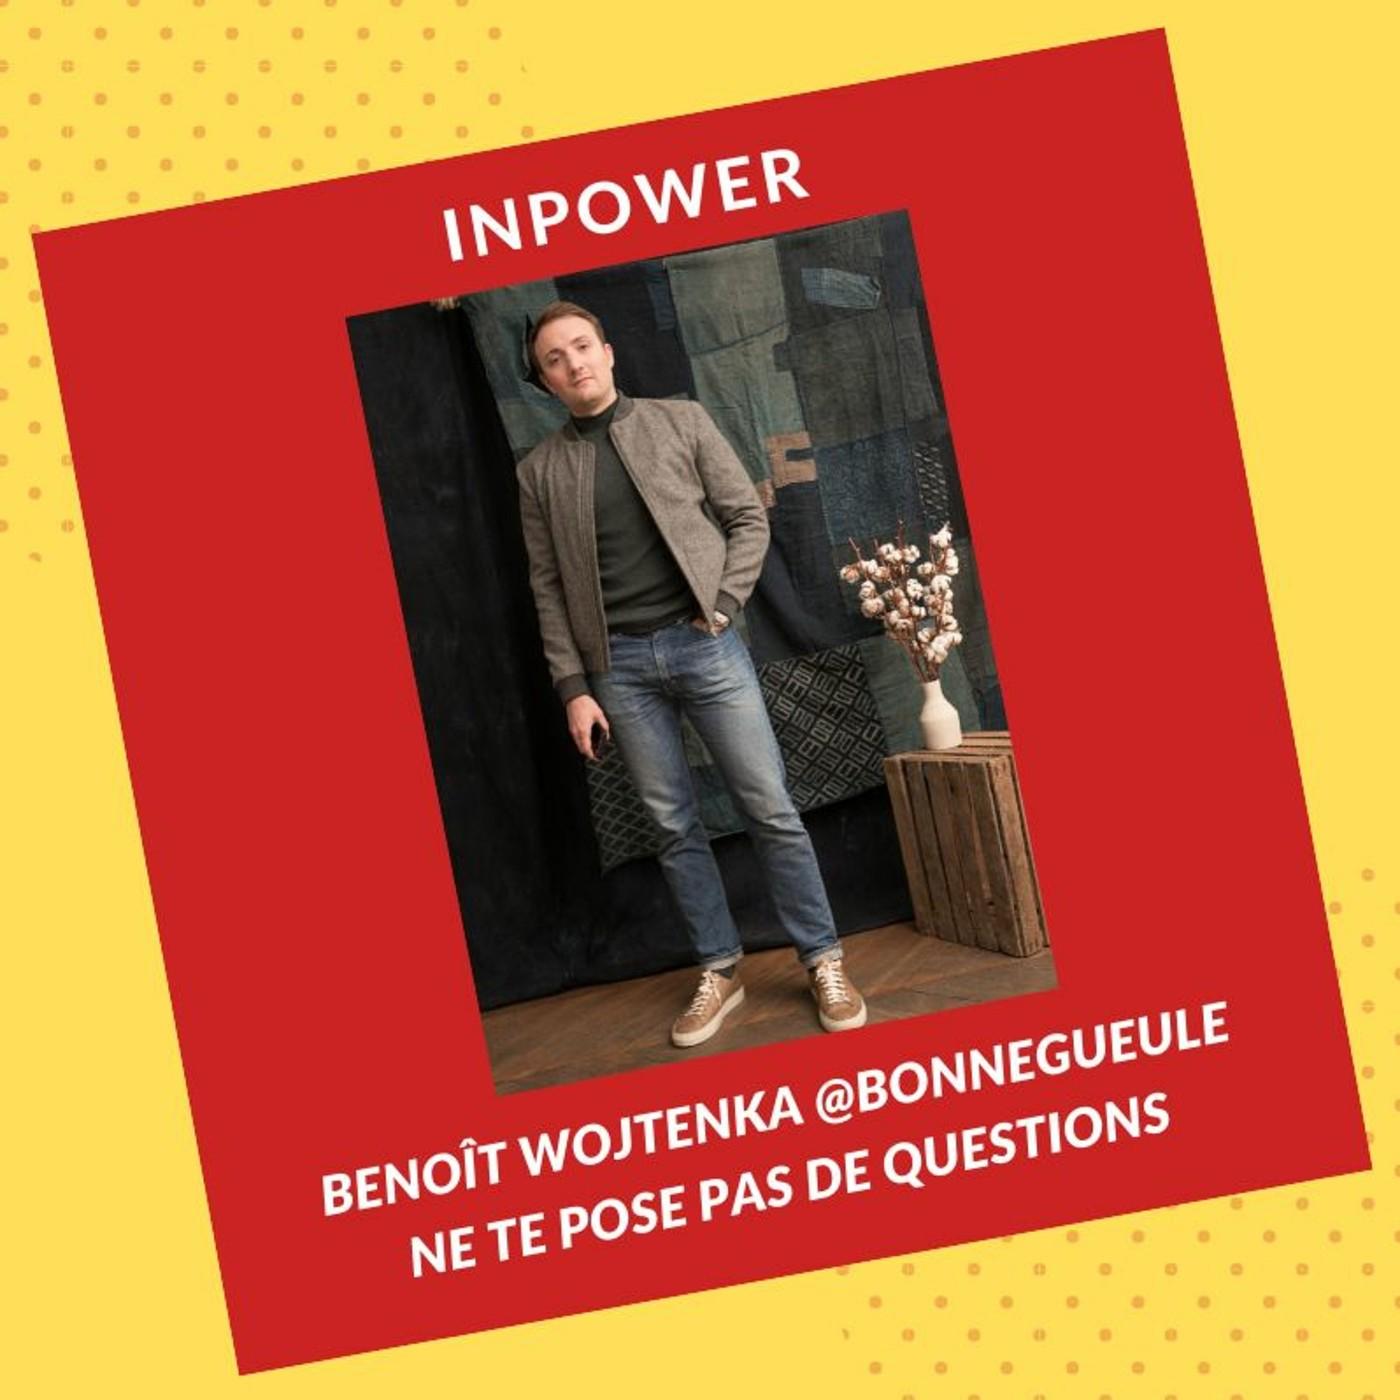 Benoît Wojtenka, Co-fondateur de Bonne Gueule - Ne te pose pas de questions